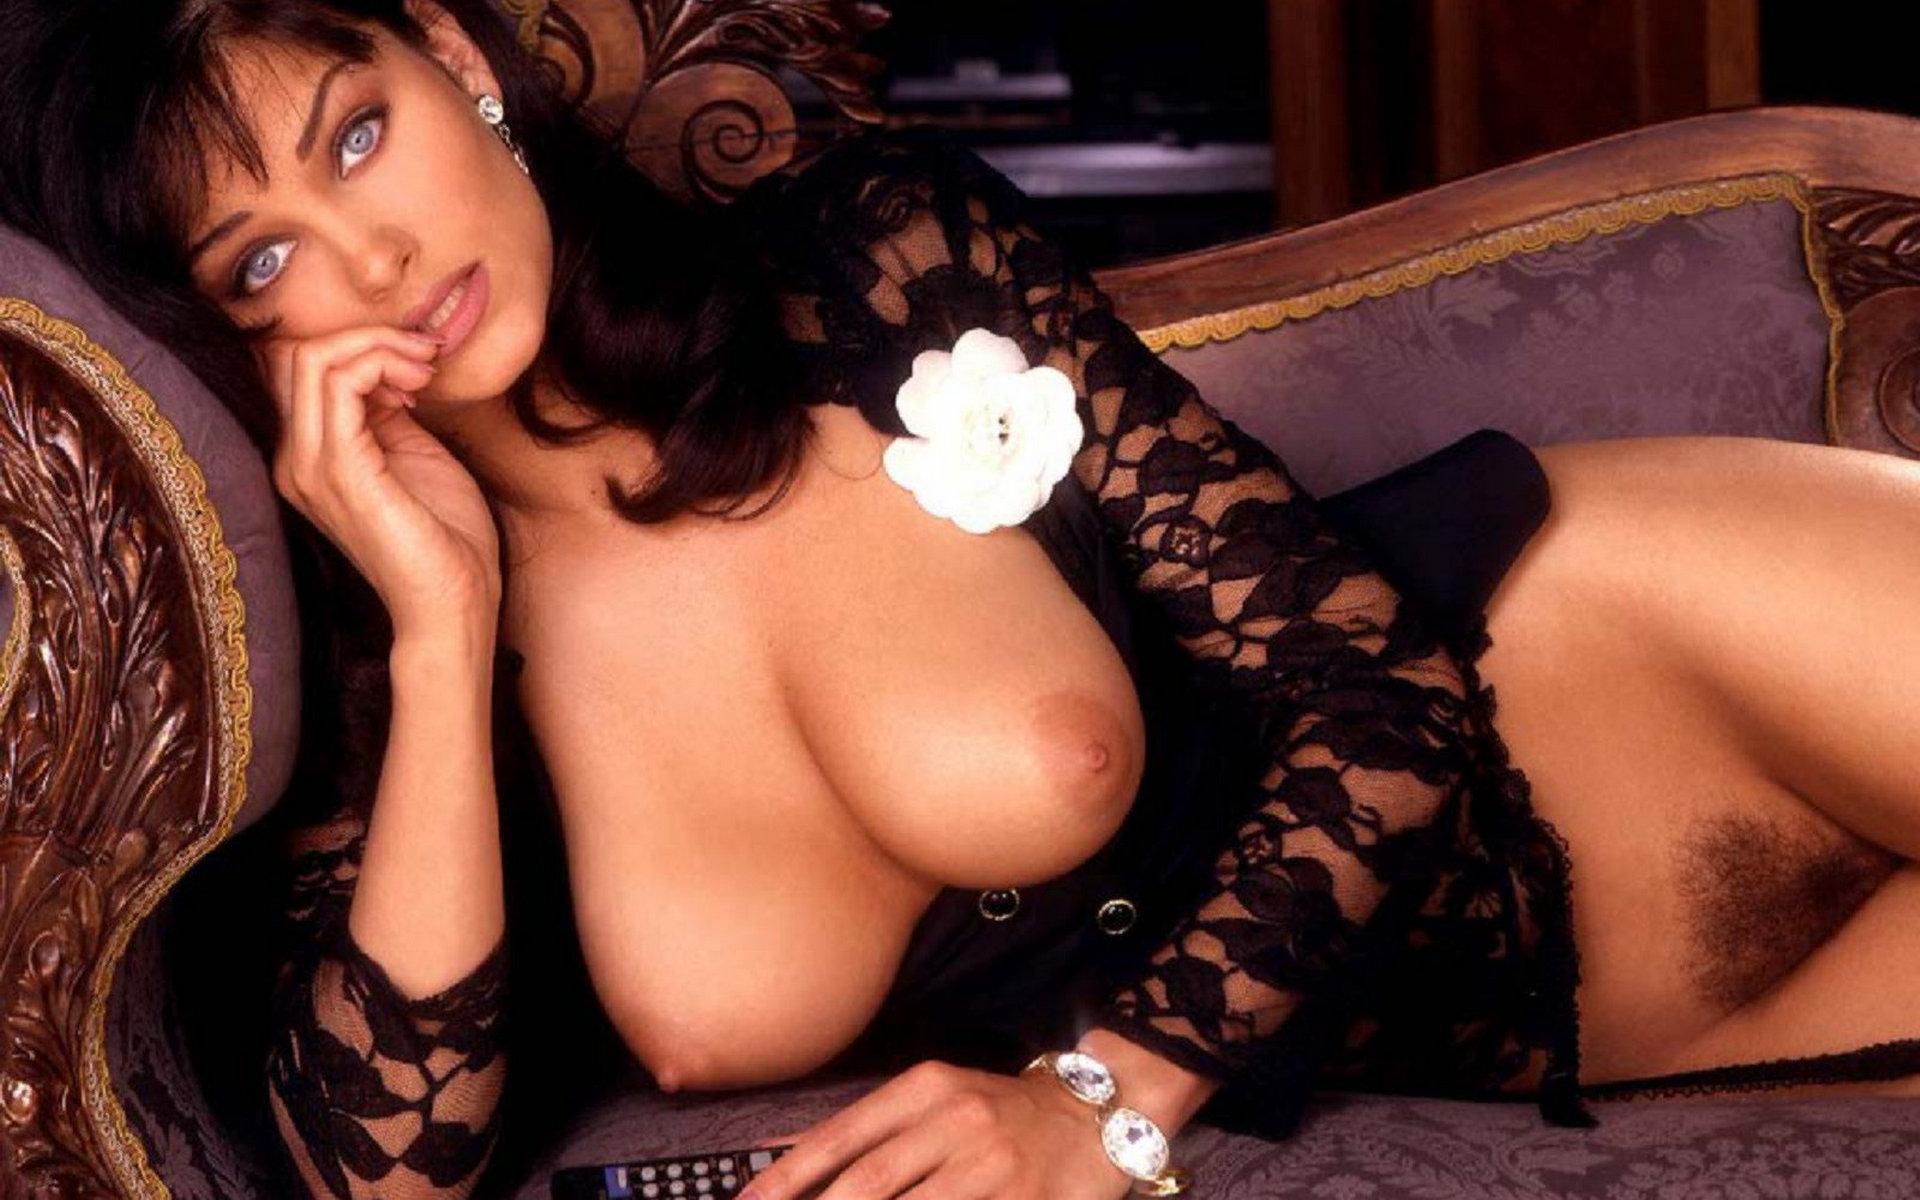 Эротика бесплатно и без регистрации, Смотреть красивую эротику hd онлайн бесплатно на 24 24 фотография